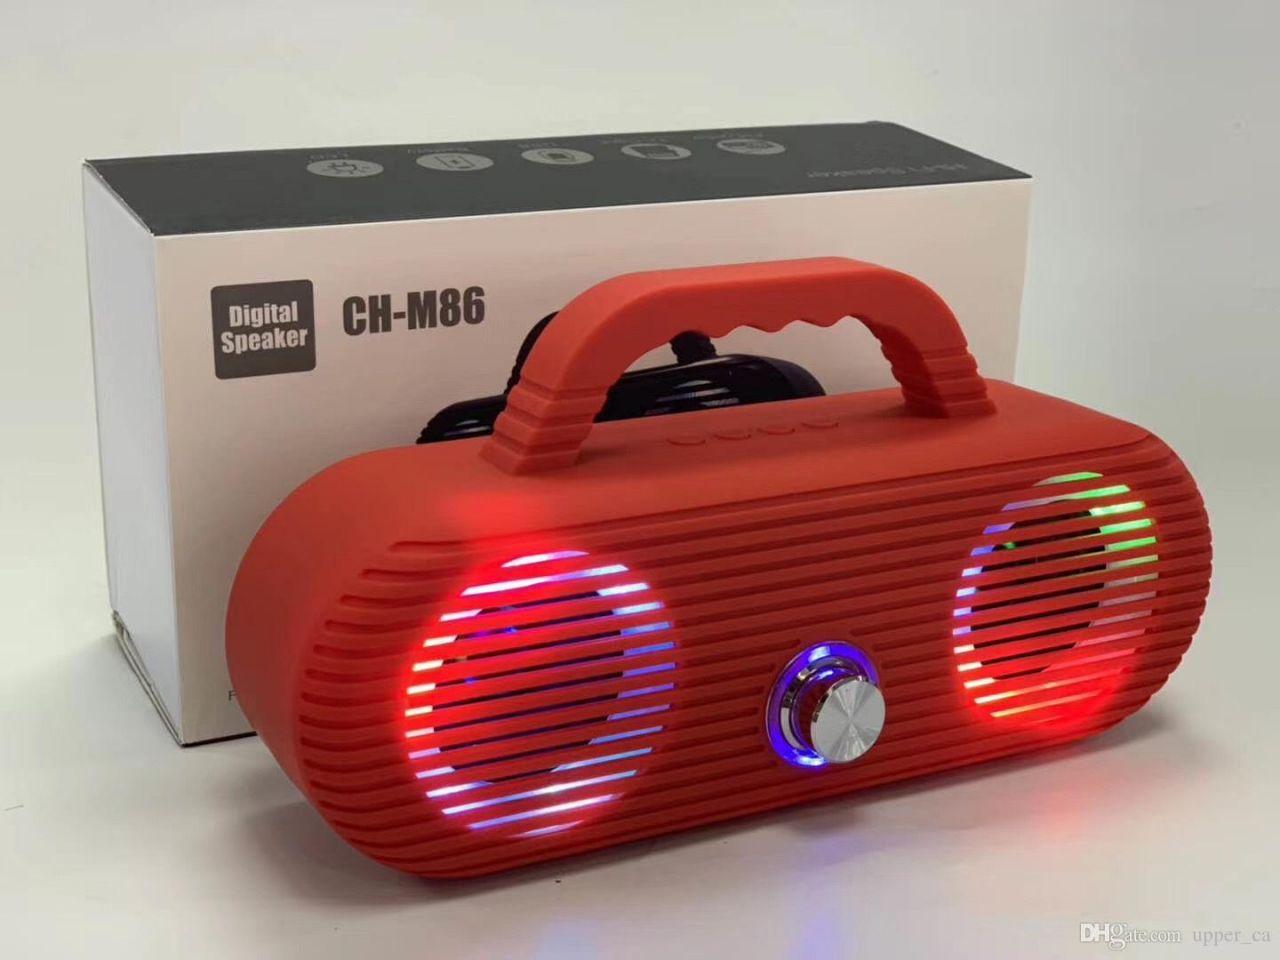 Bluetooth hangszóró LED fények, Mp3,Rádió,USB, TF/micro SD kártya,AUX 3,5 jack, Mikrofon jack bemenet - CH-M86